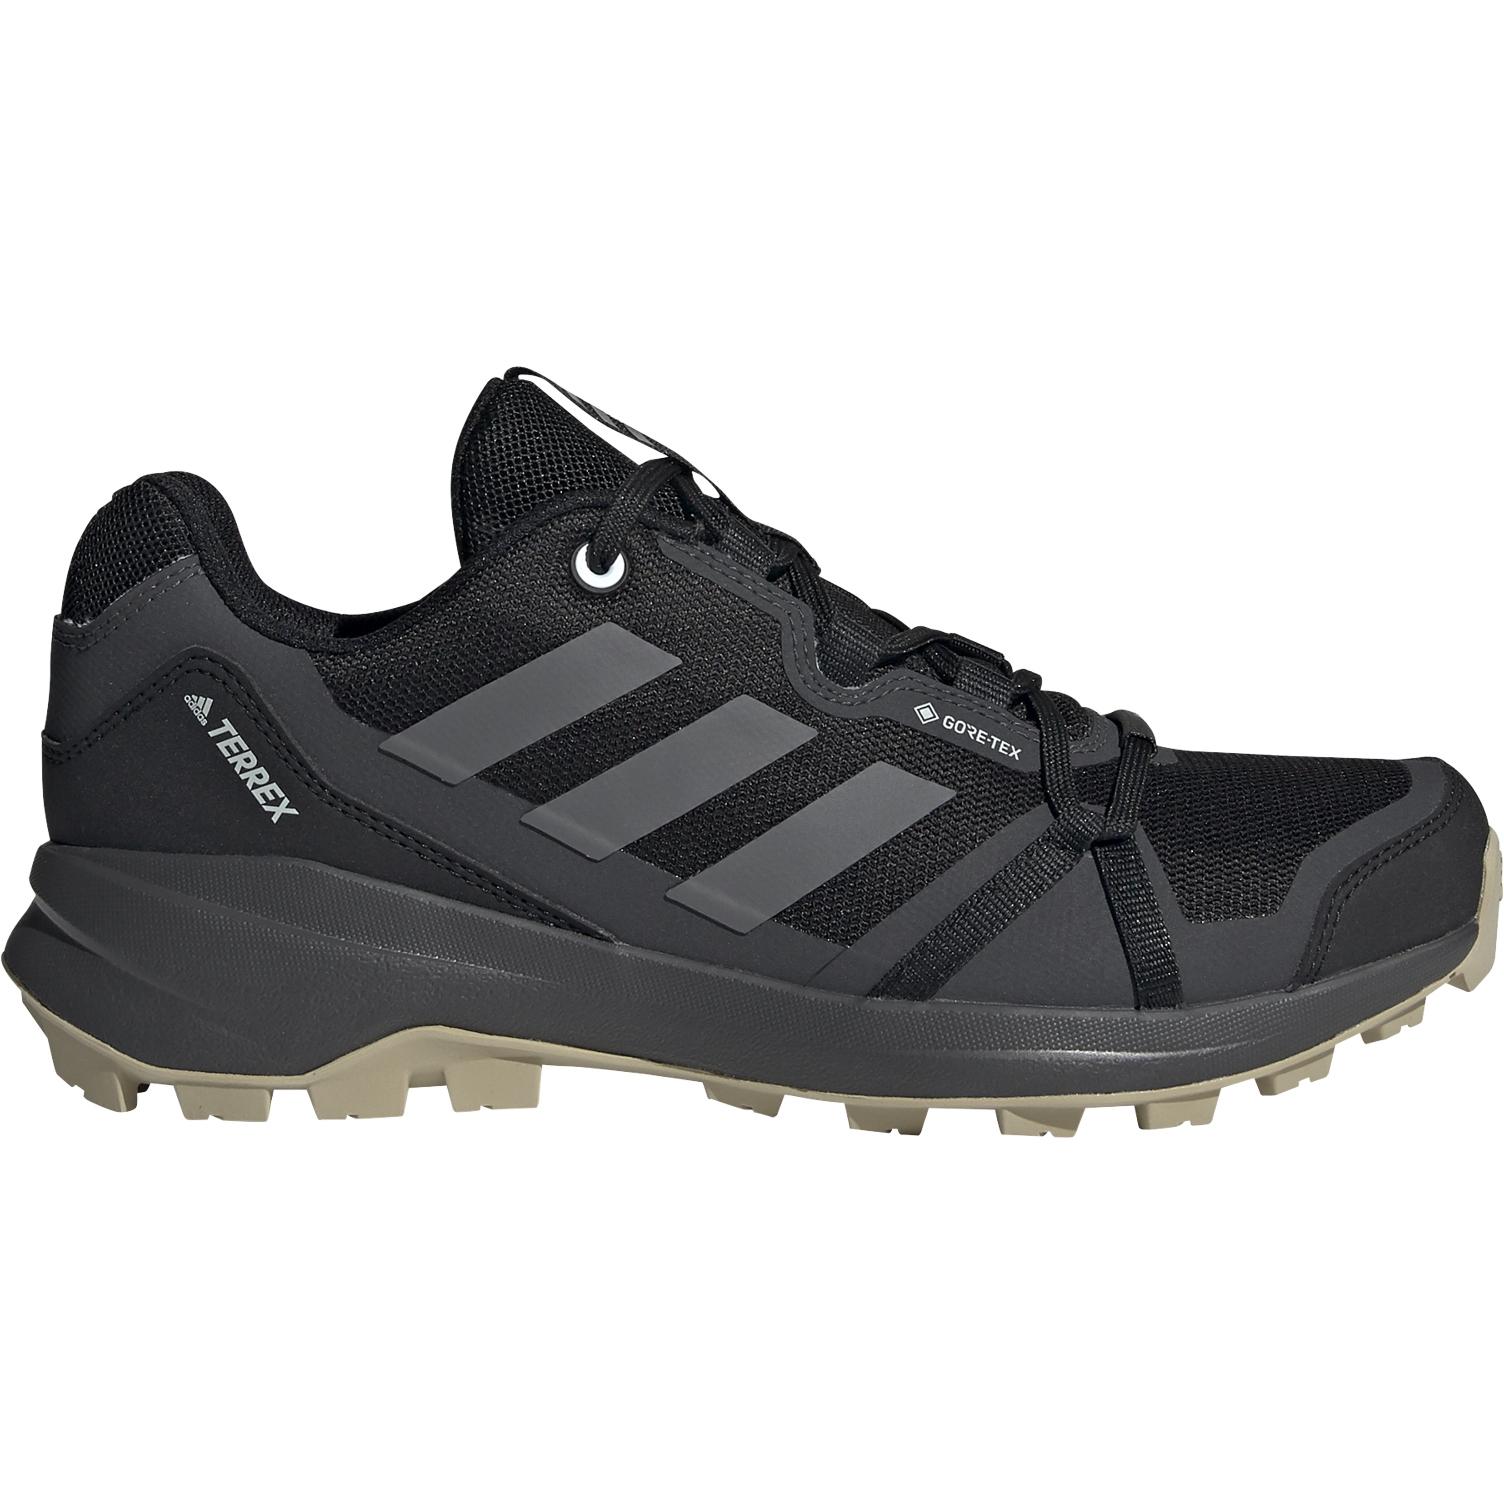 adidas TERREX Skyhiker GORE-TEX Zapatillas de Senderismo para Mujer - core black/grey four/halo blue FW3497